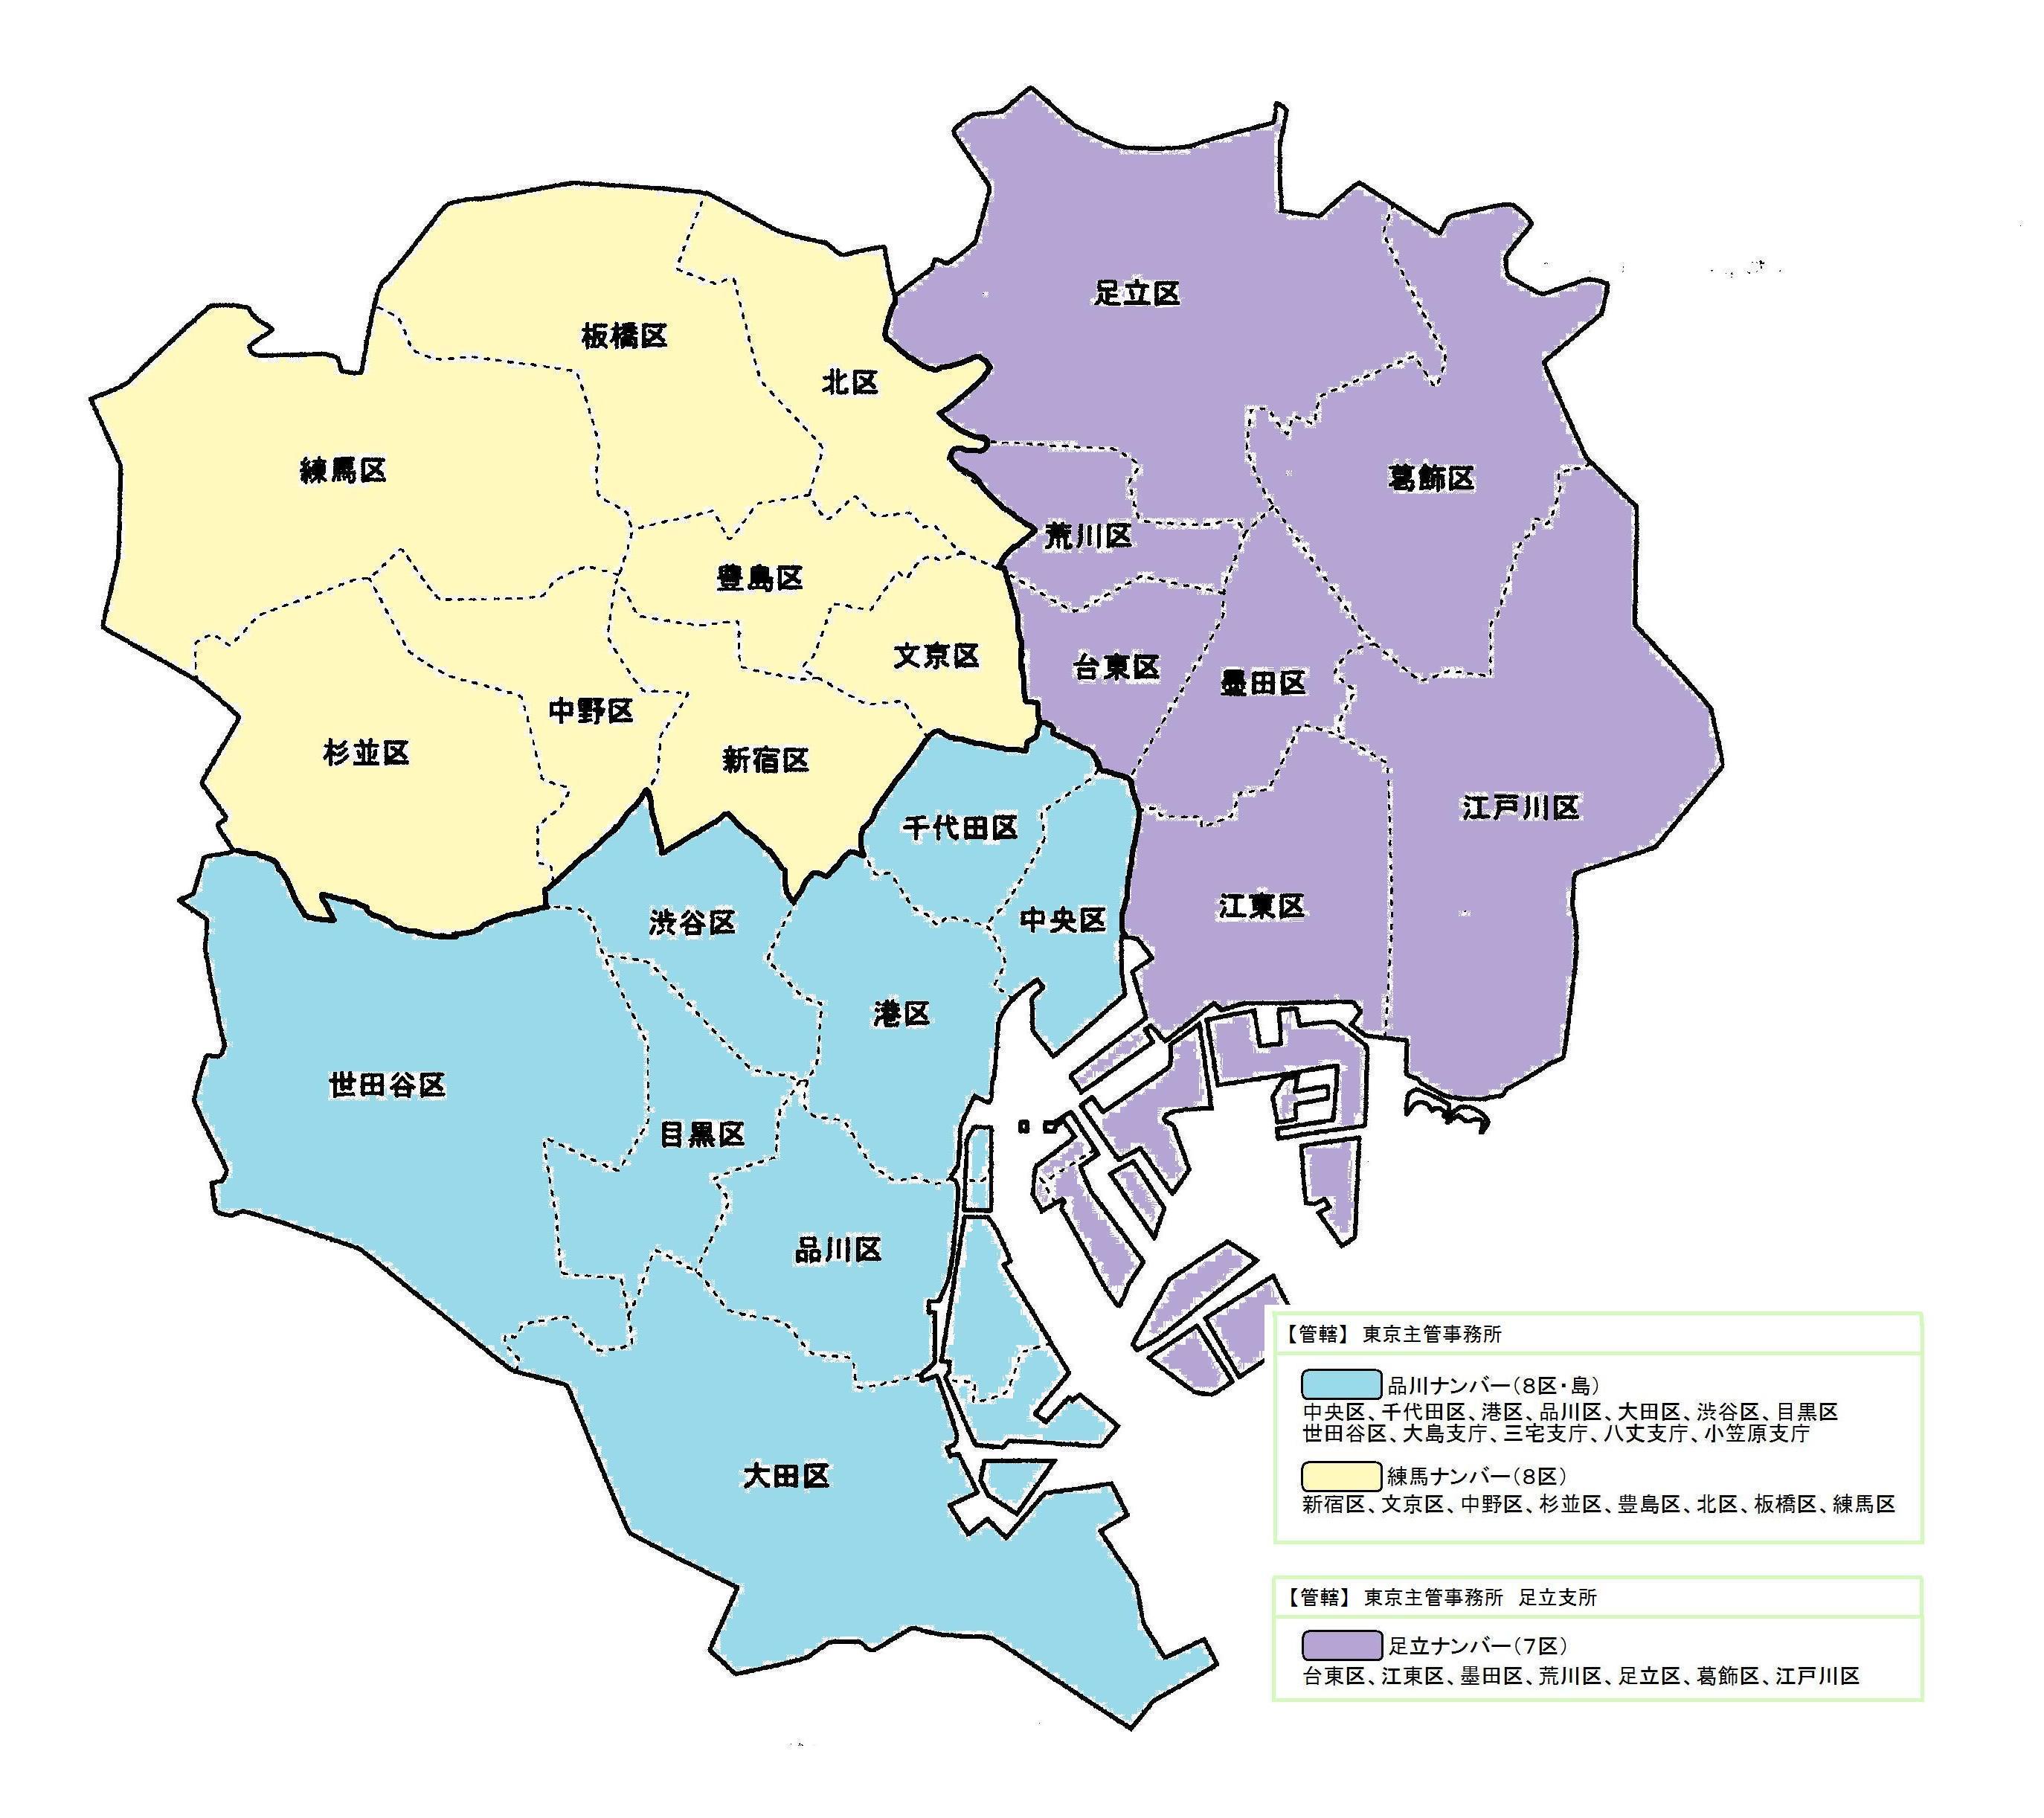 地图 2748_2444